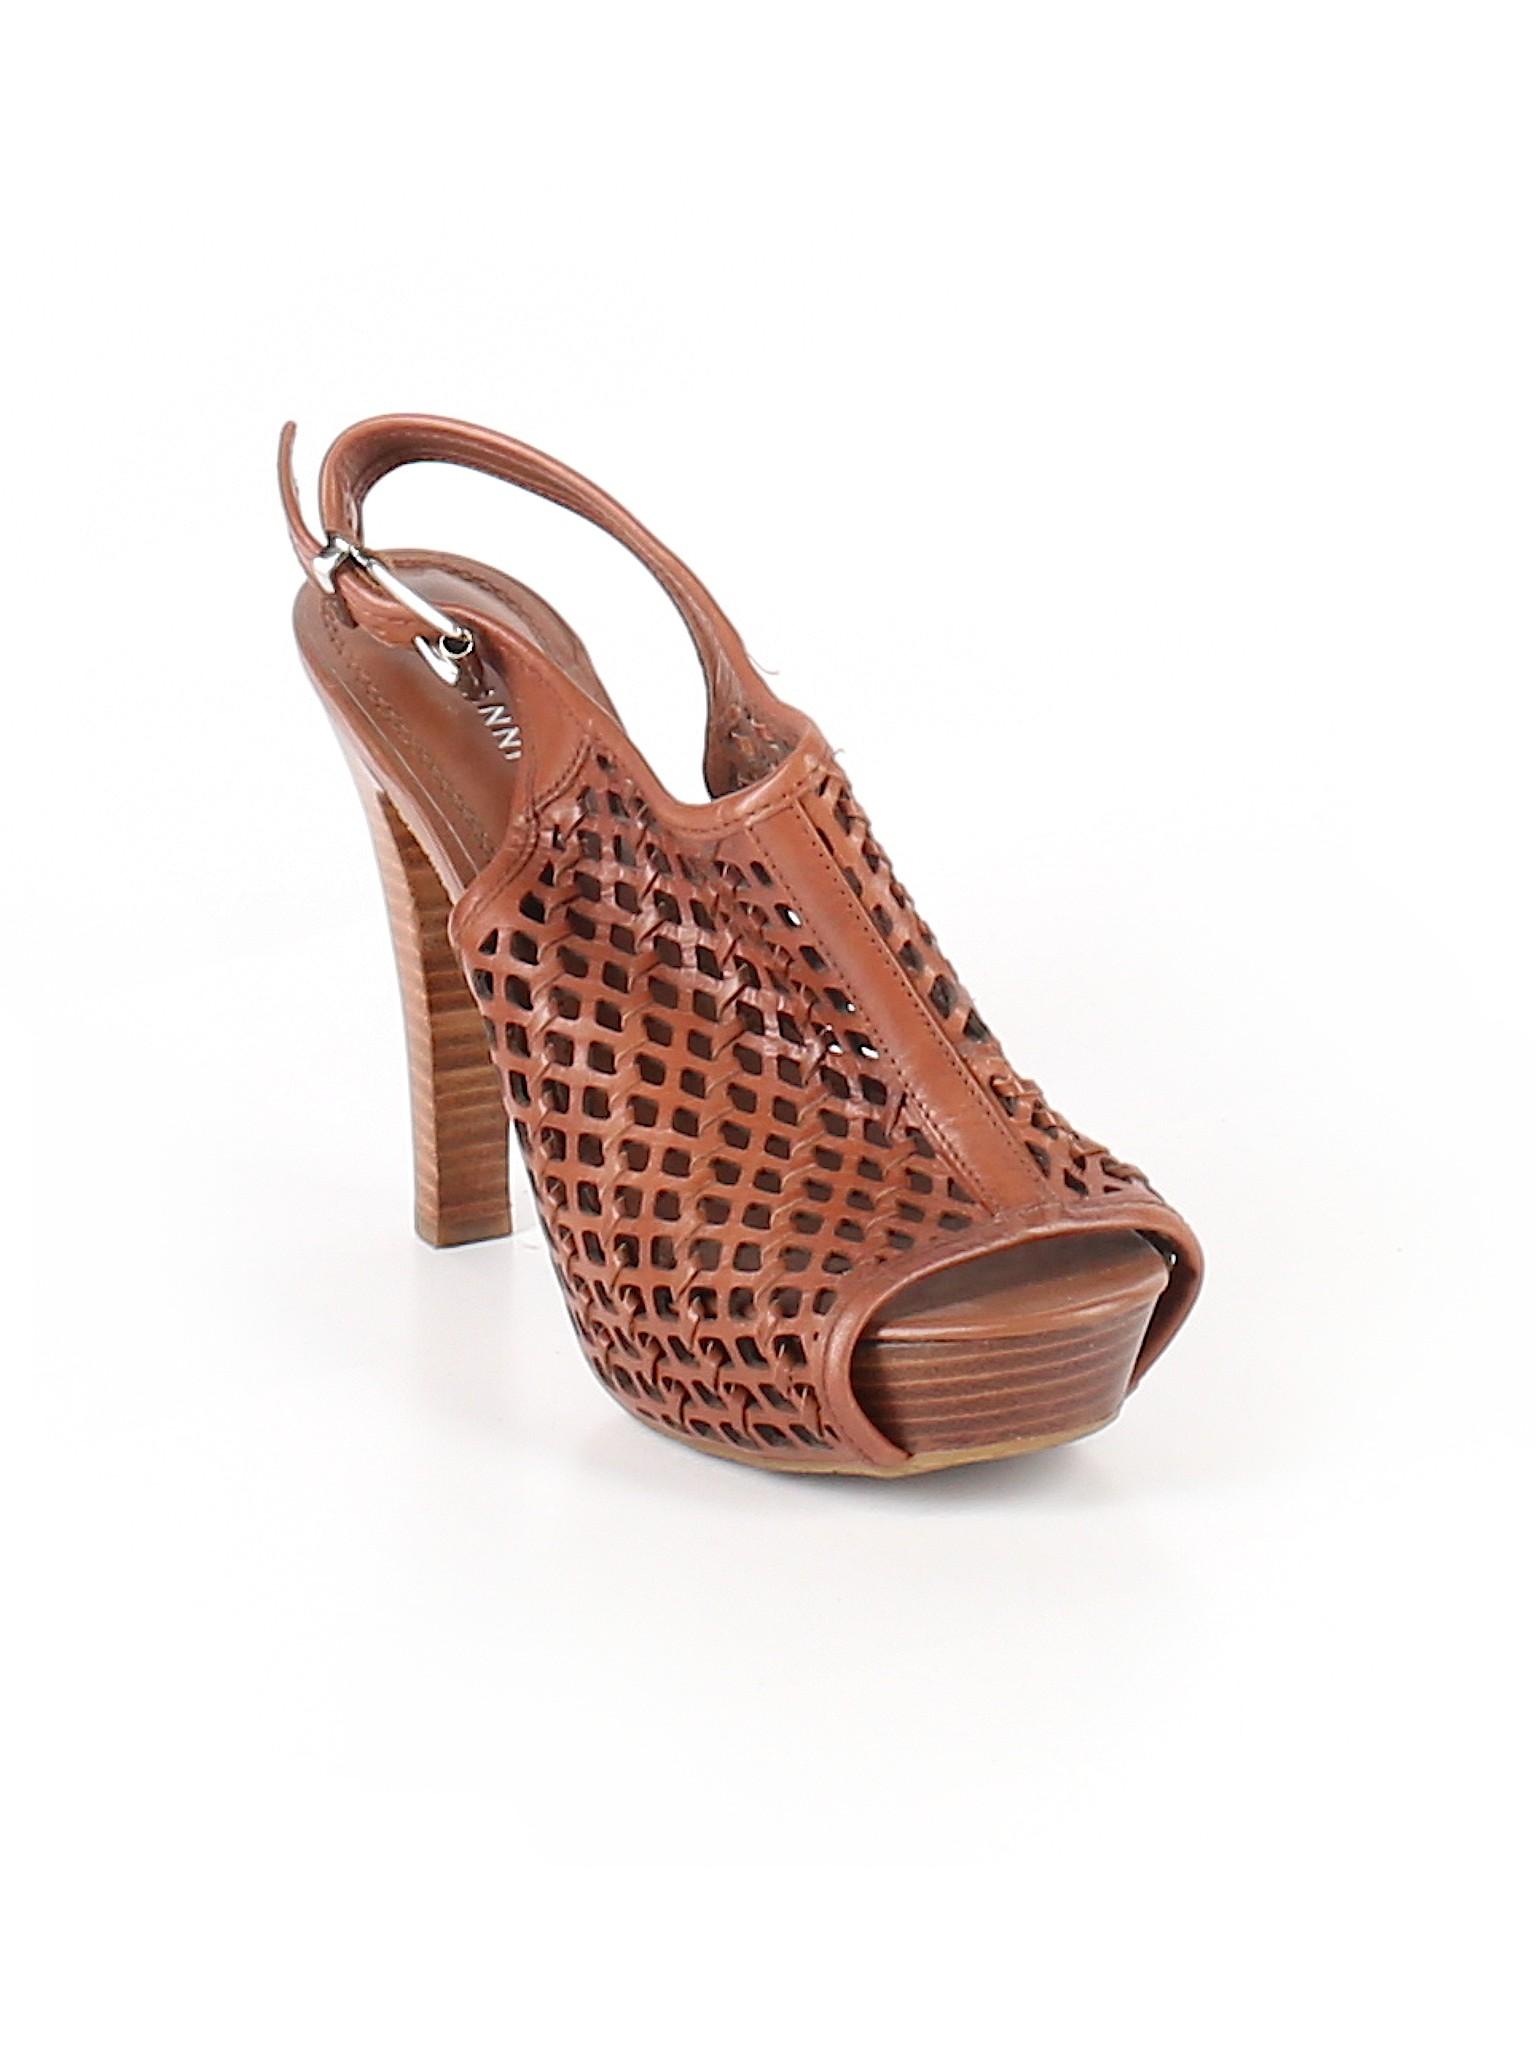 Bini Boutique Boutique promotion promotion Heels Gianni TzxPUBwq